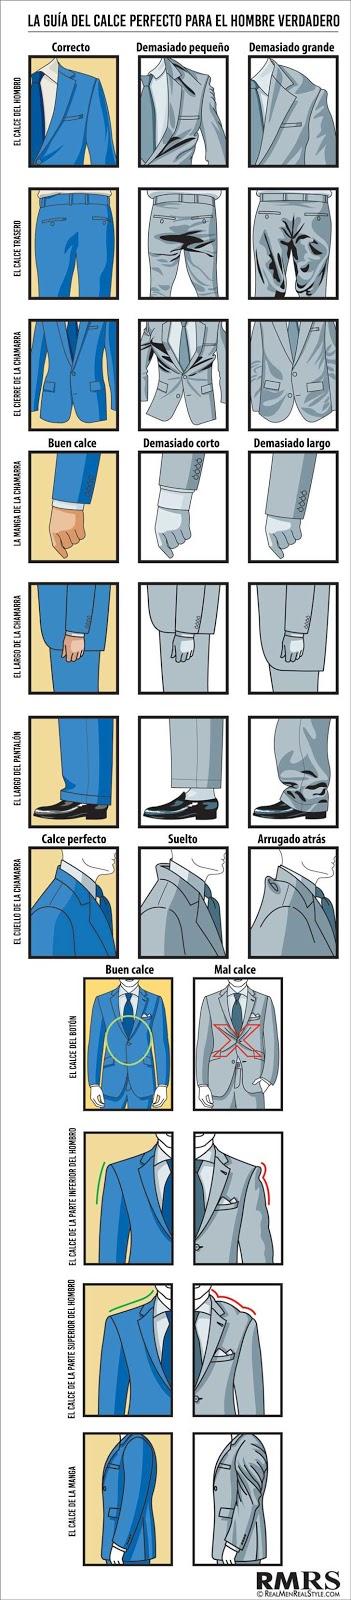 Cómo debe calzar el traje y el pantalón. Ajuste Perfecto Infografía